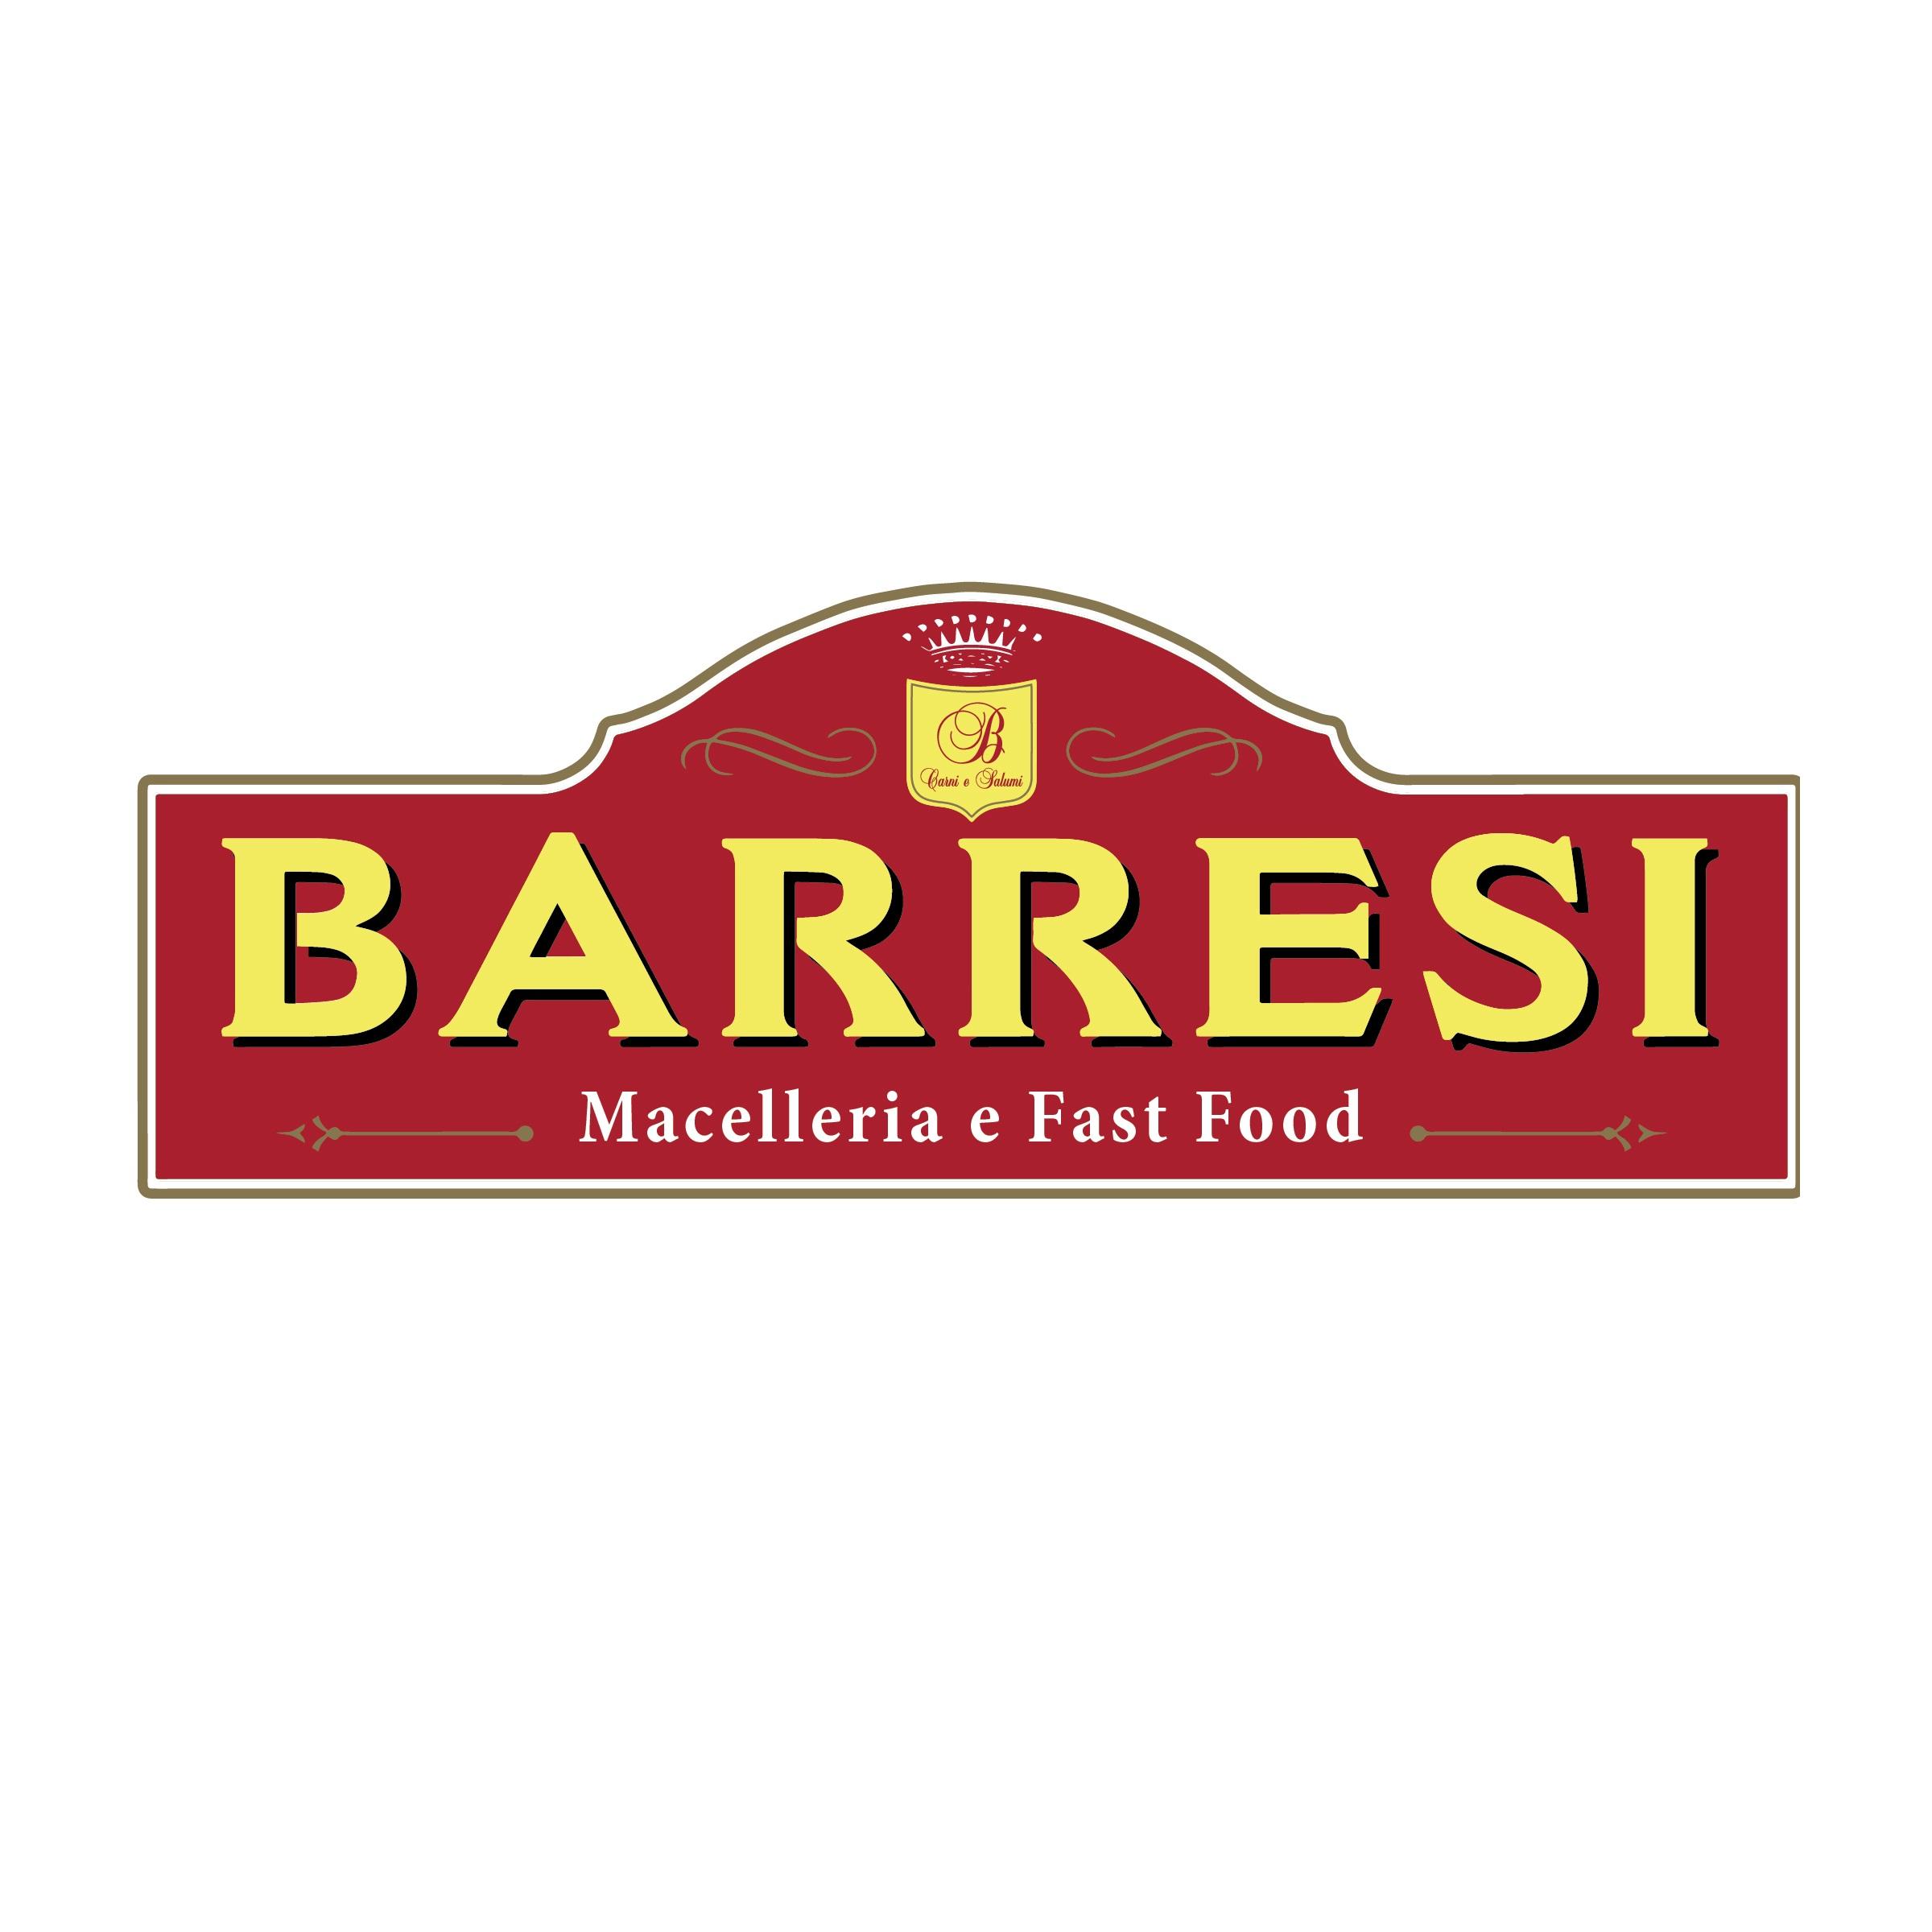 Barresi